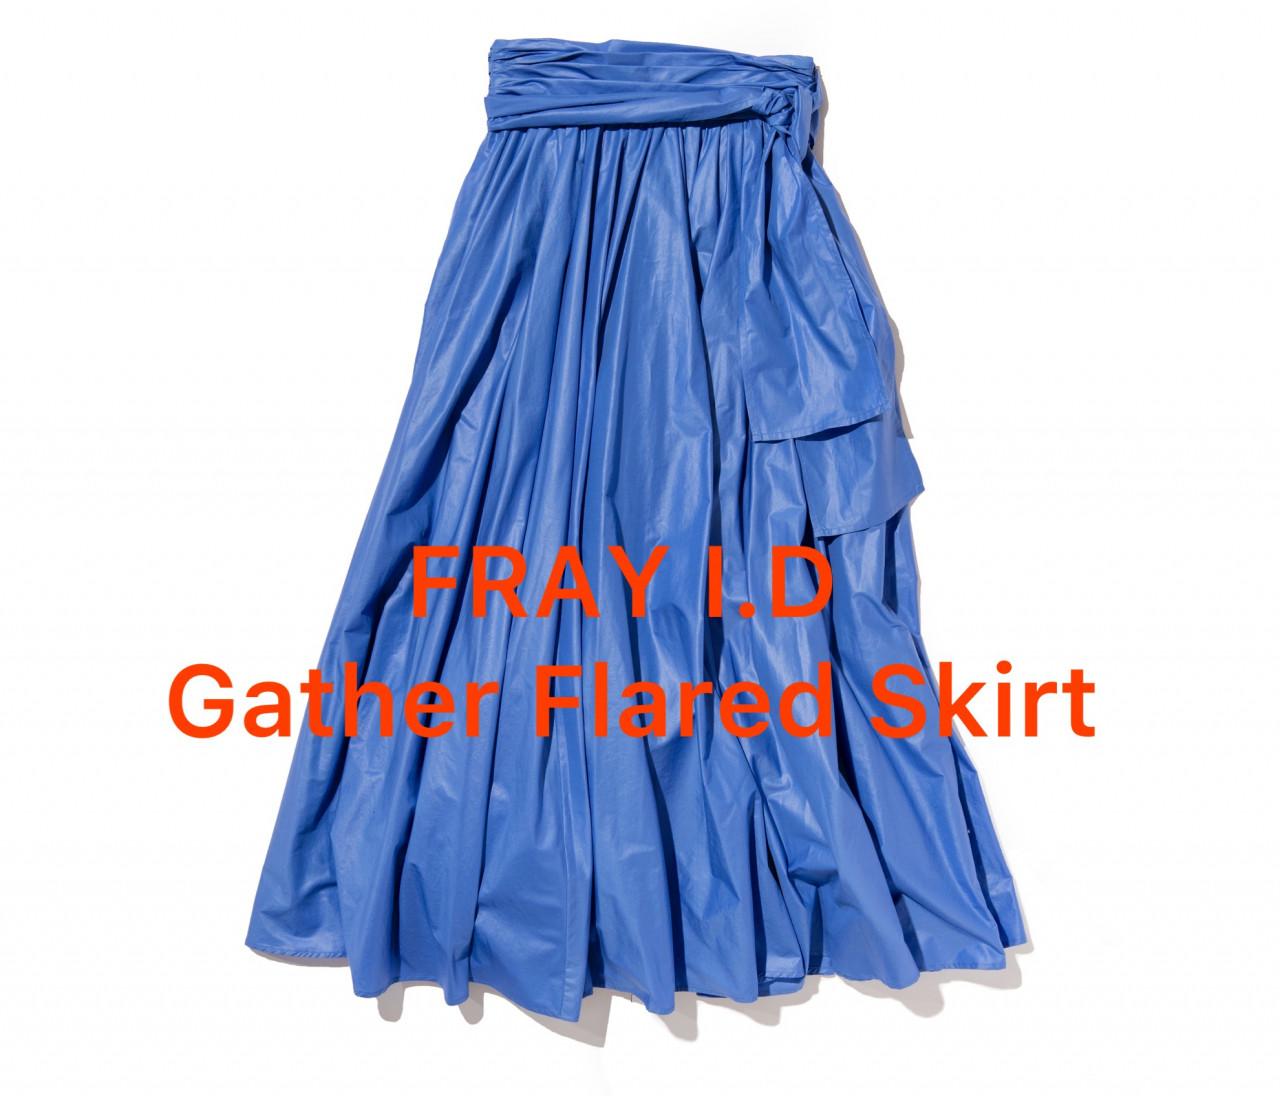 【フレイアイディー(FRAY I.D)】春の新作ギャザーフレアスカートがきれいめフェミニンのど真ん中すぎた【エディターのおうち私物#258】